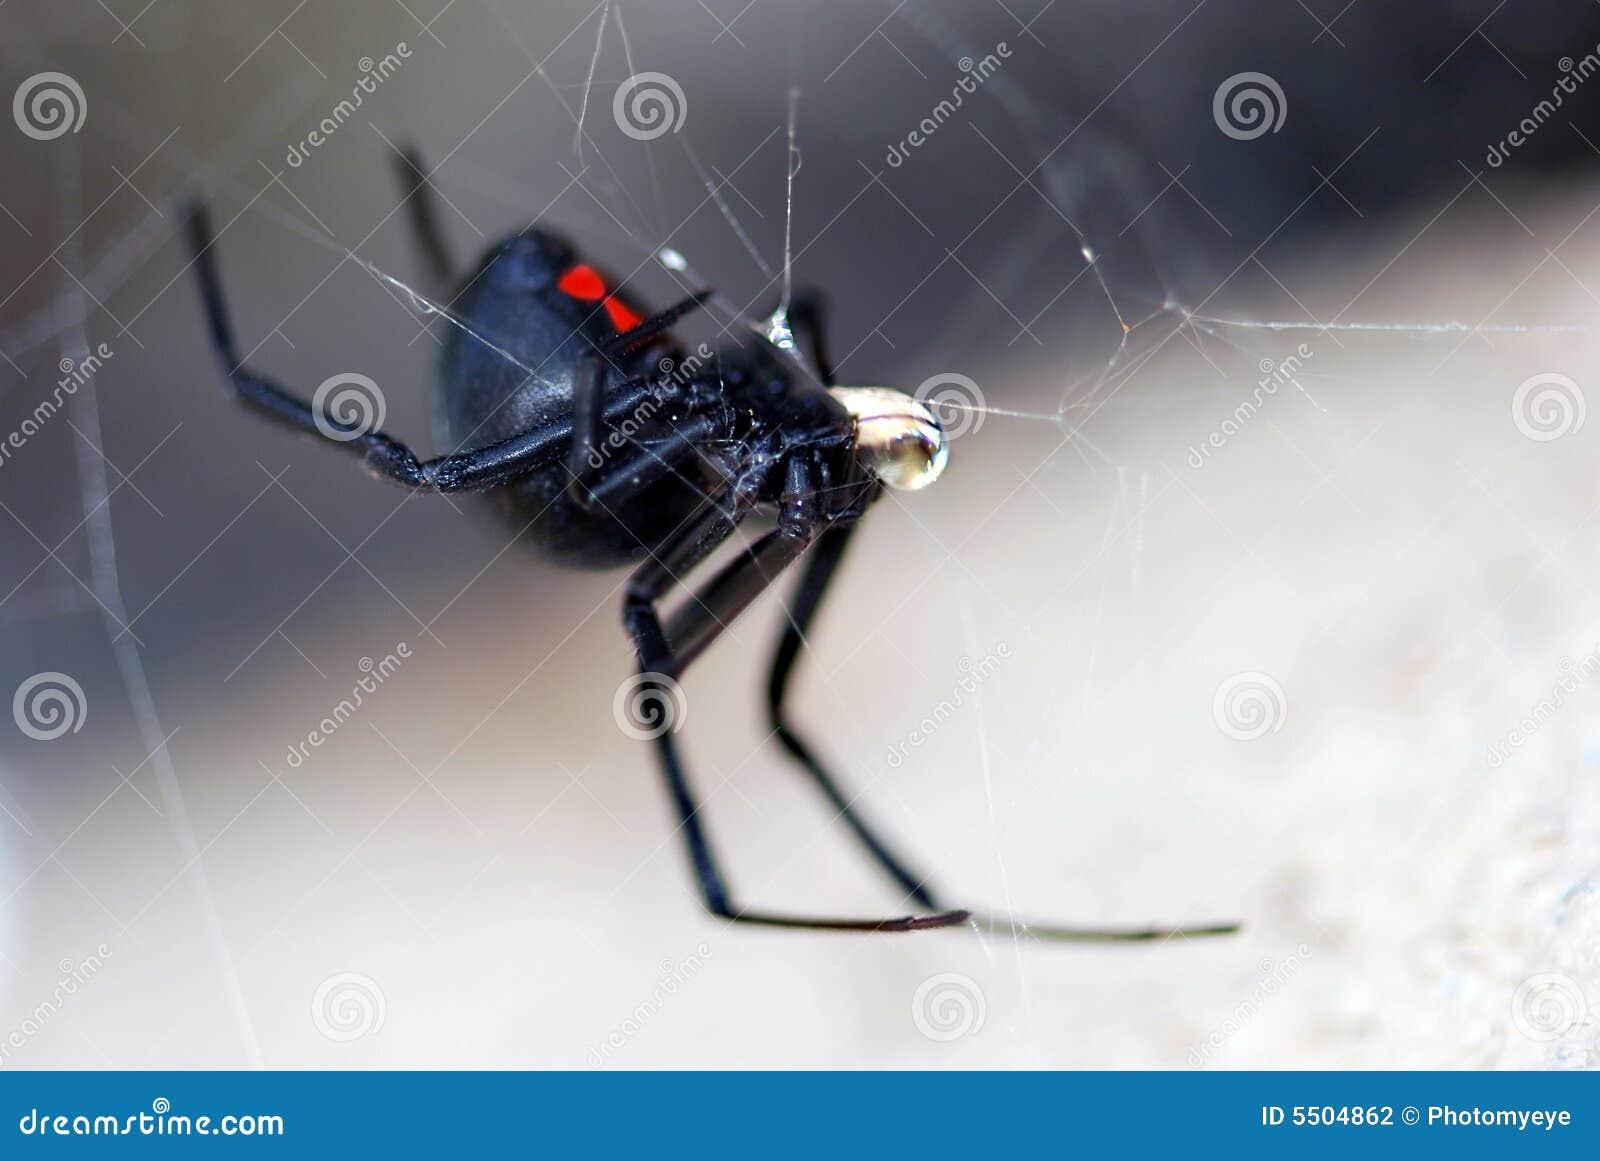 De spin van de zwarte weduwe